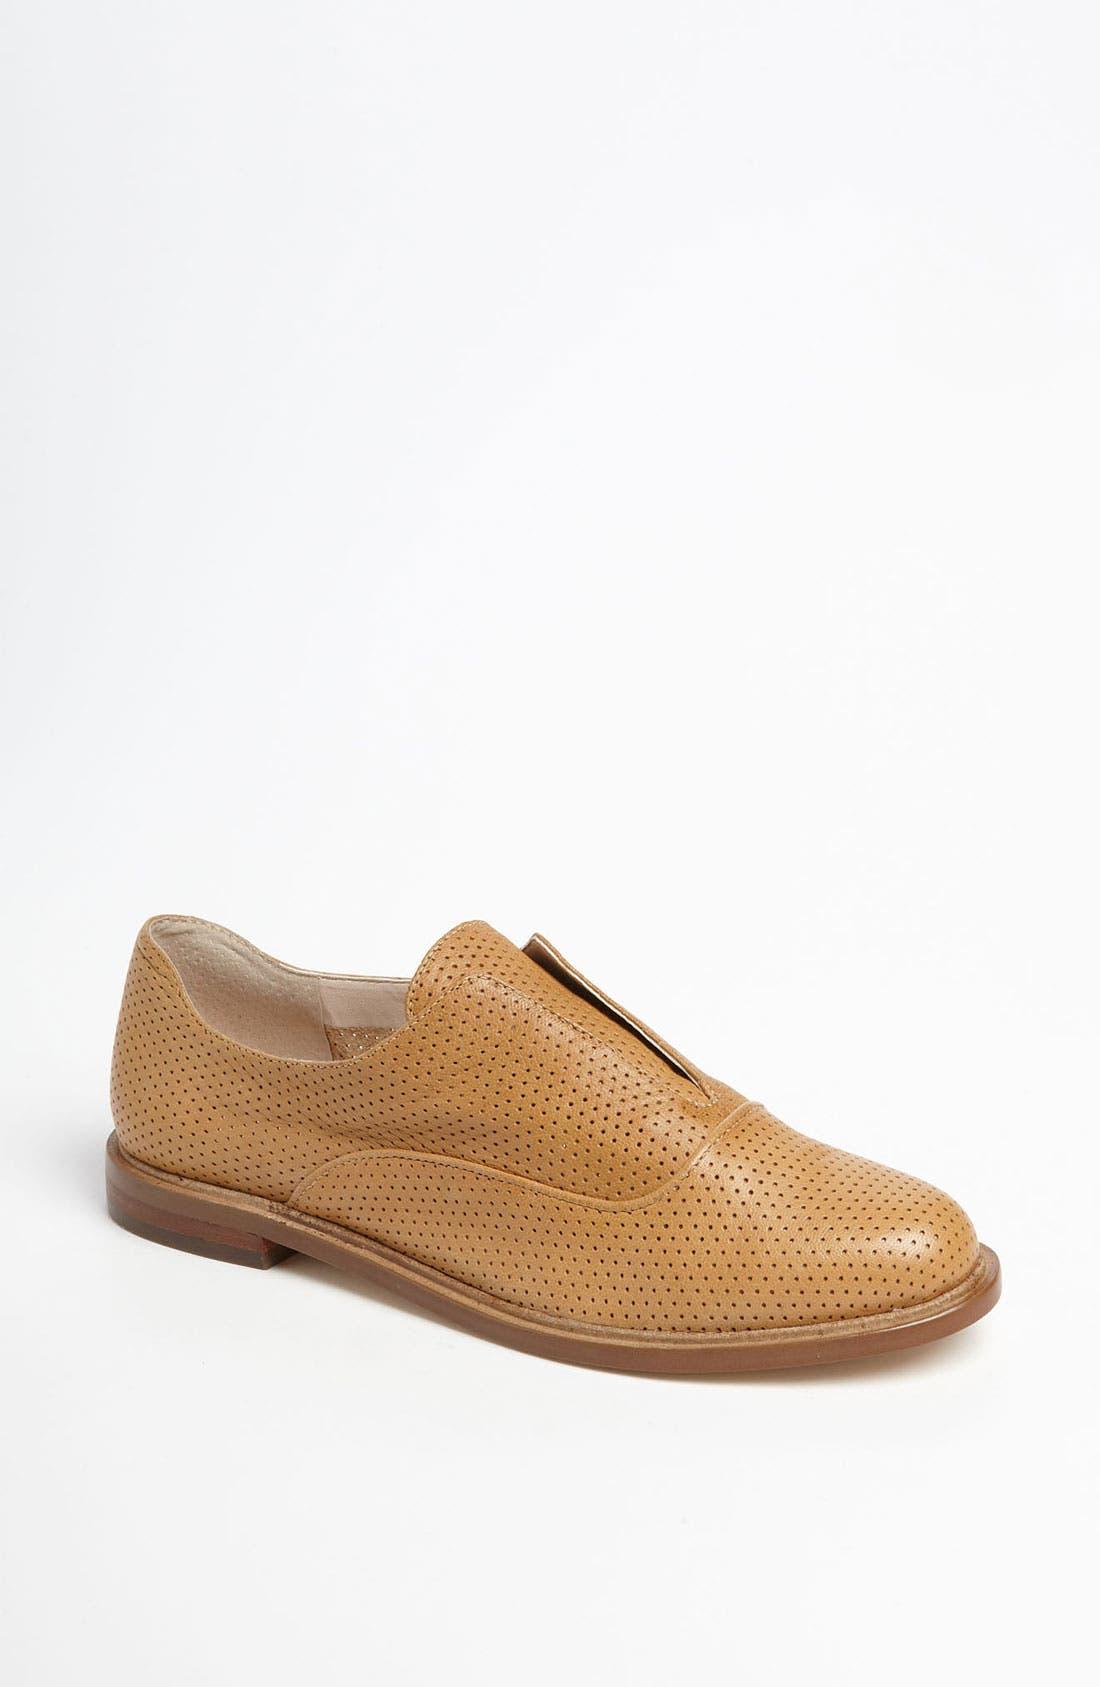 Alternate Image 1 Selected - BCBGeneration 'Brisk' Loafer